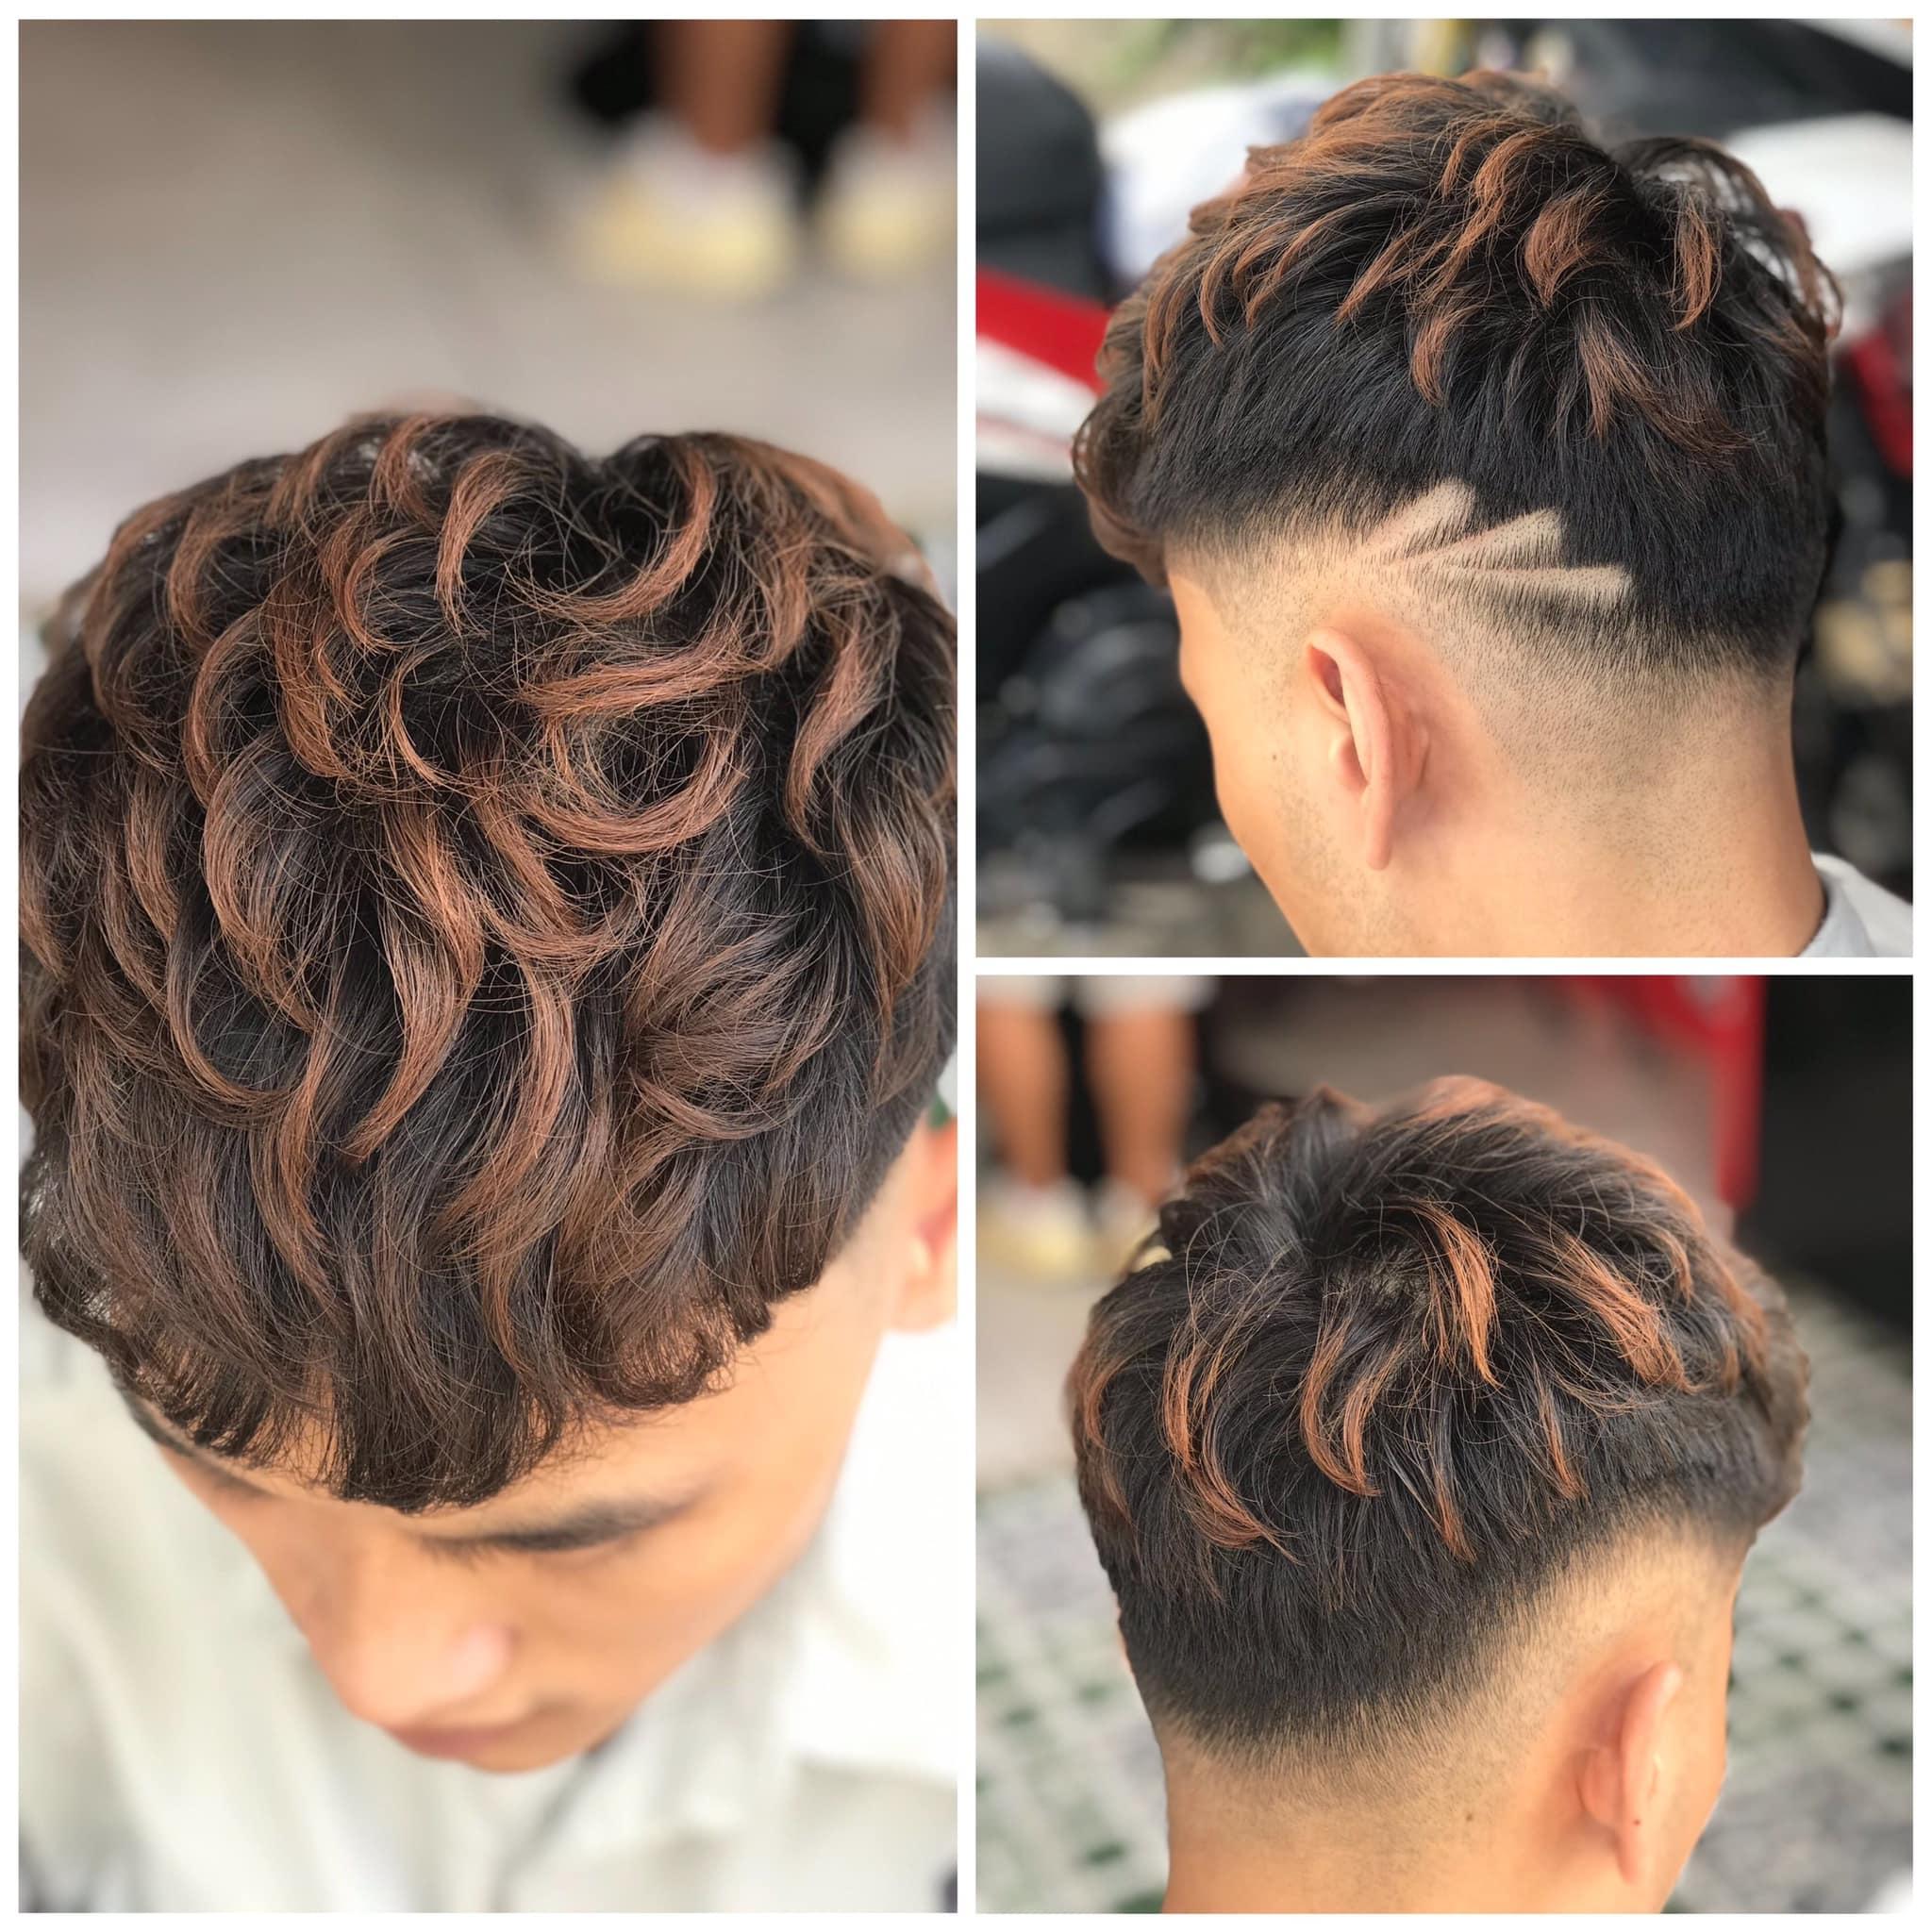 Top 7 Tiệm cắt tóc nam đẹp và chất lượng nhất quận Gò Vấp, TP. HCM - AllTop.vn